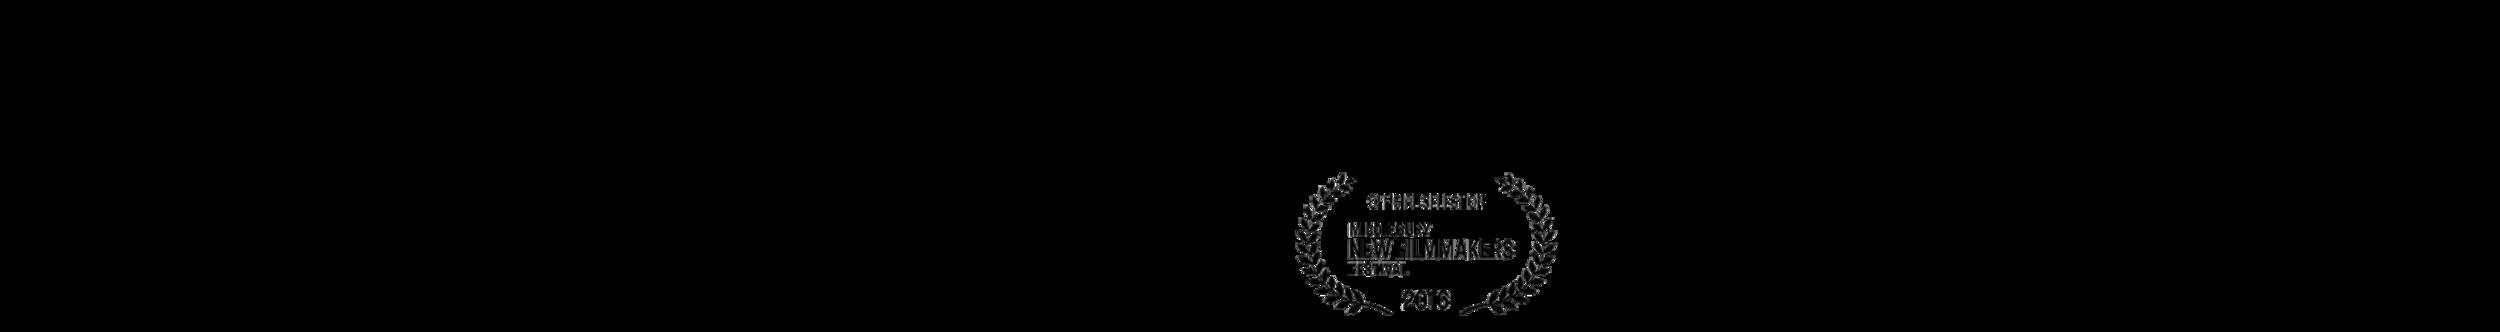 AwardsLaurels_R101716_v5.png